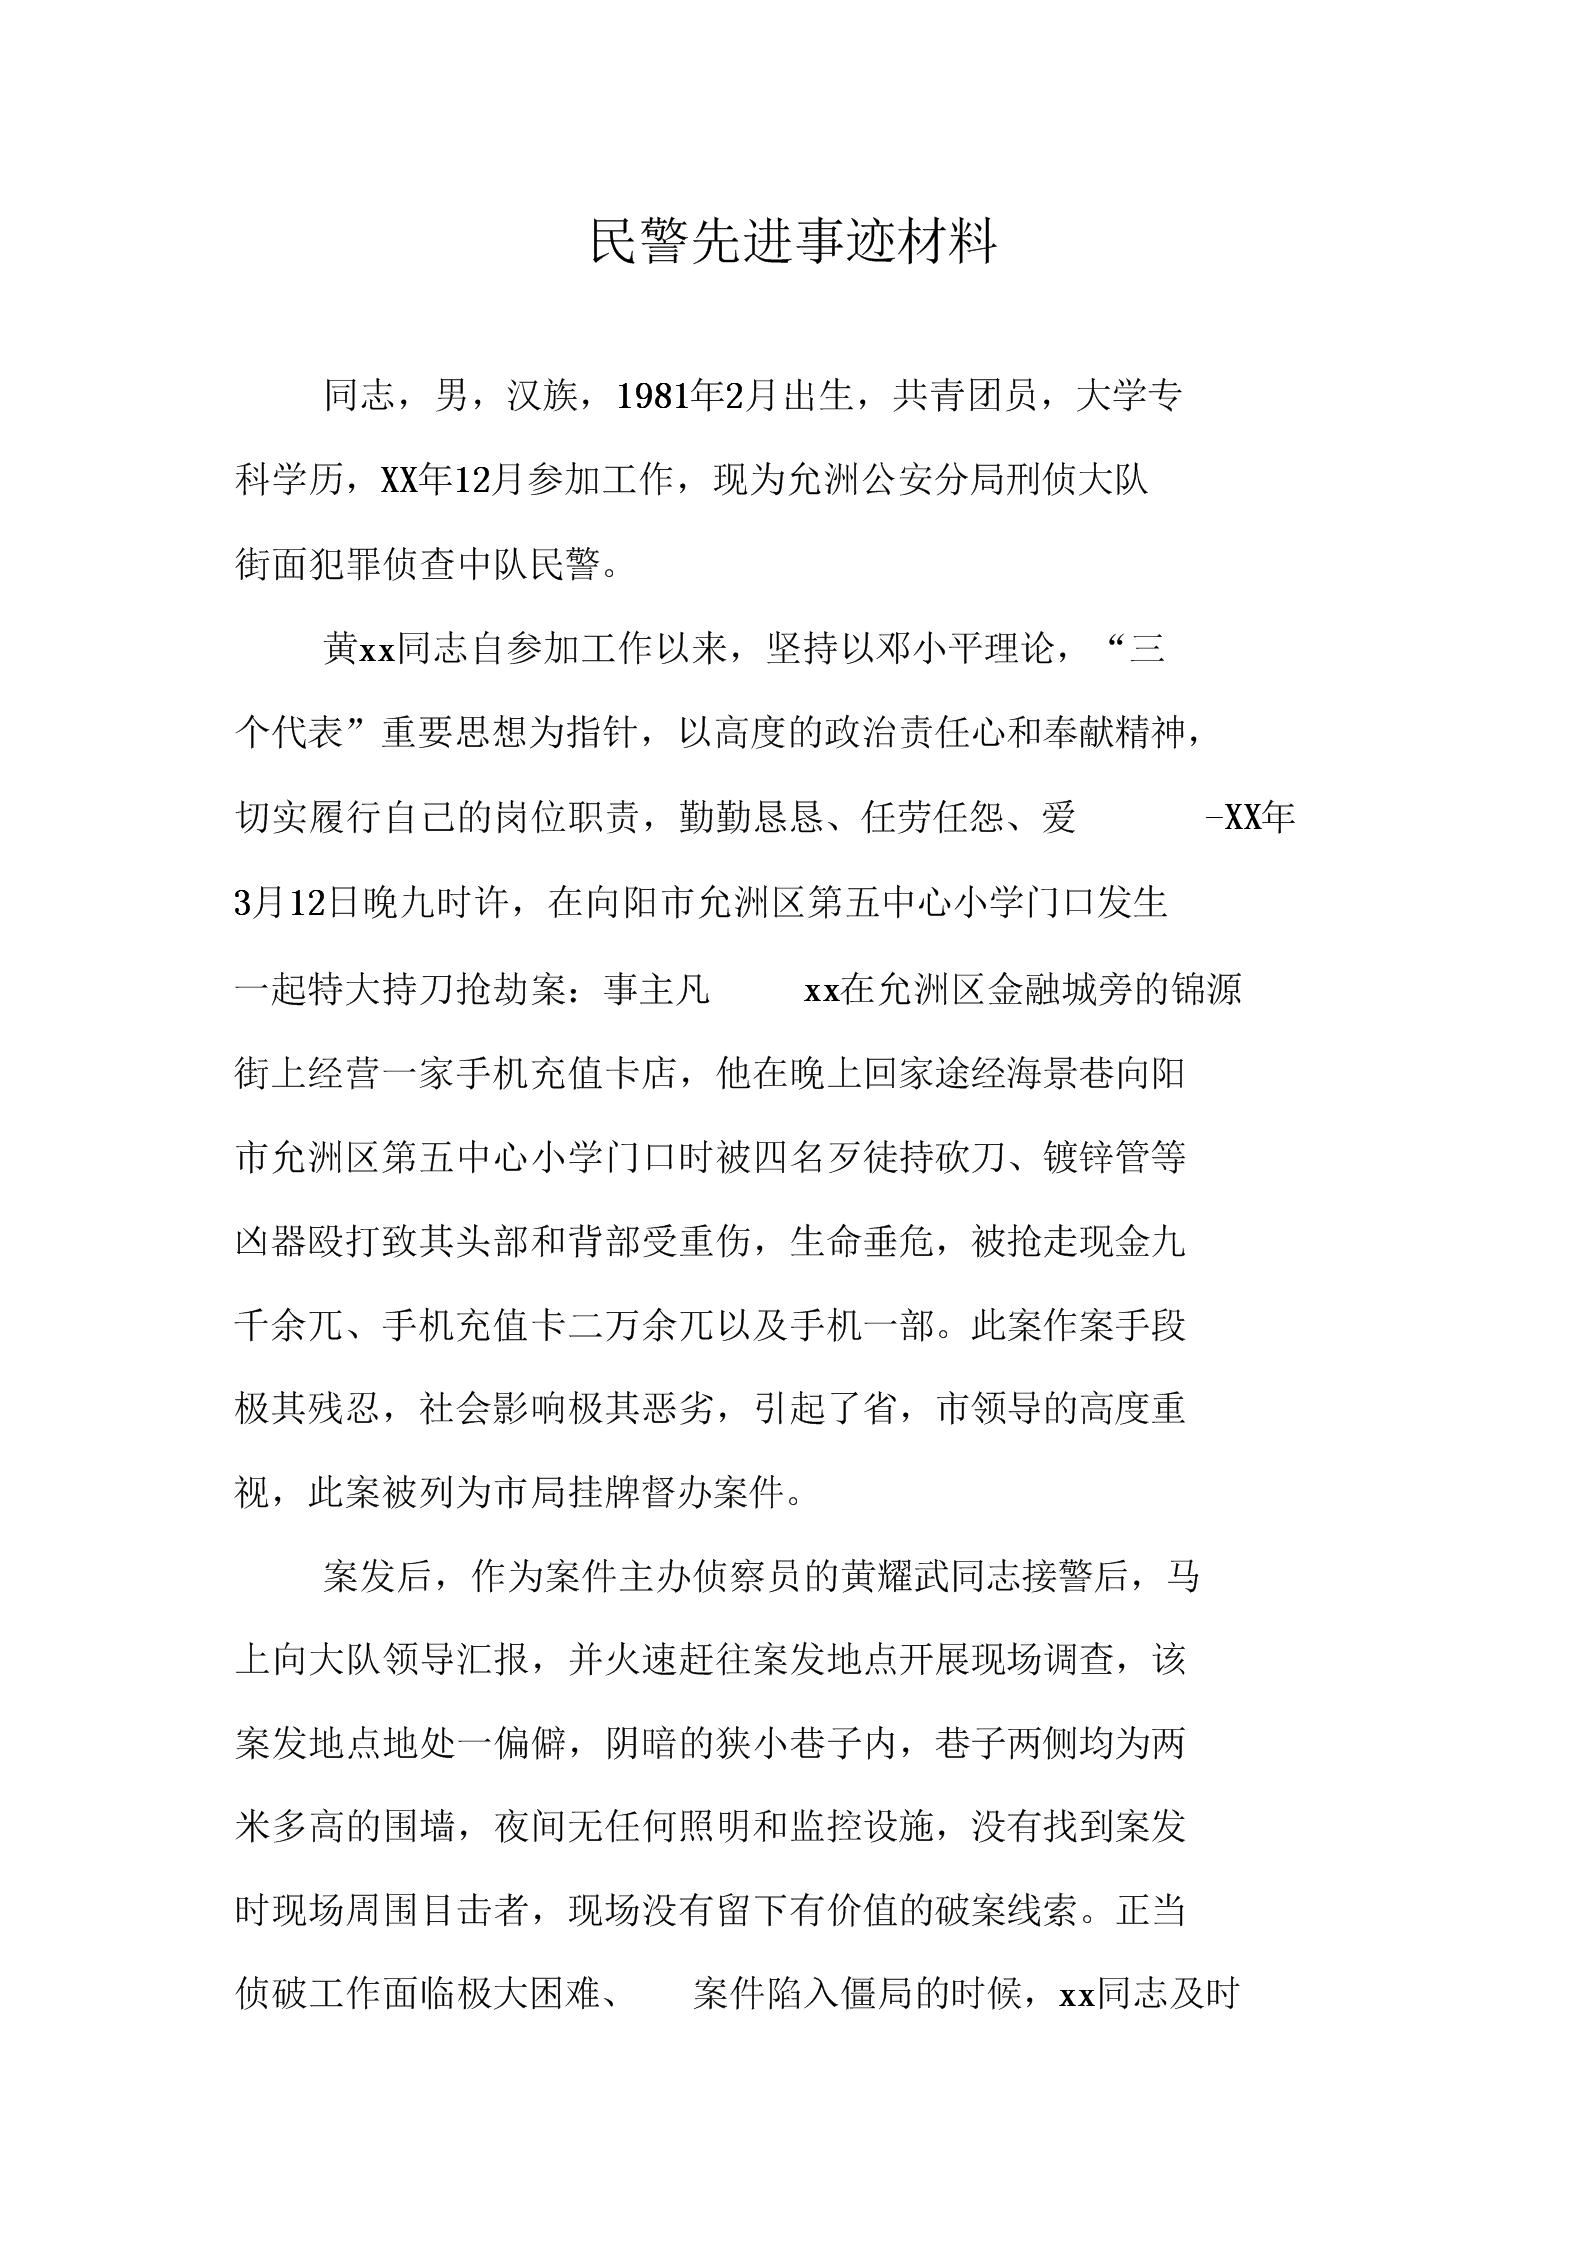 《民警先进事迹材料》.docx